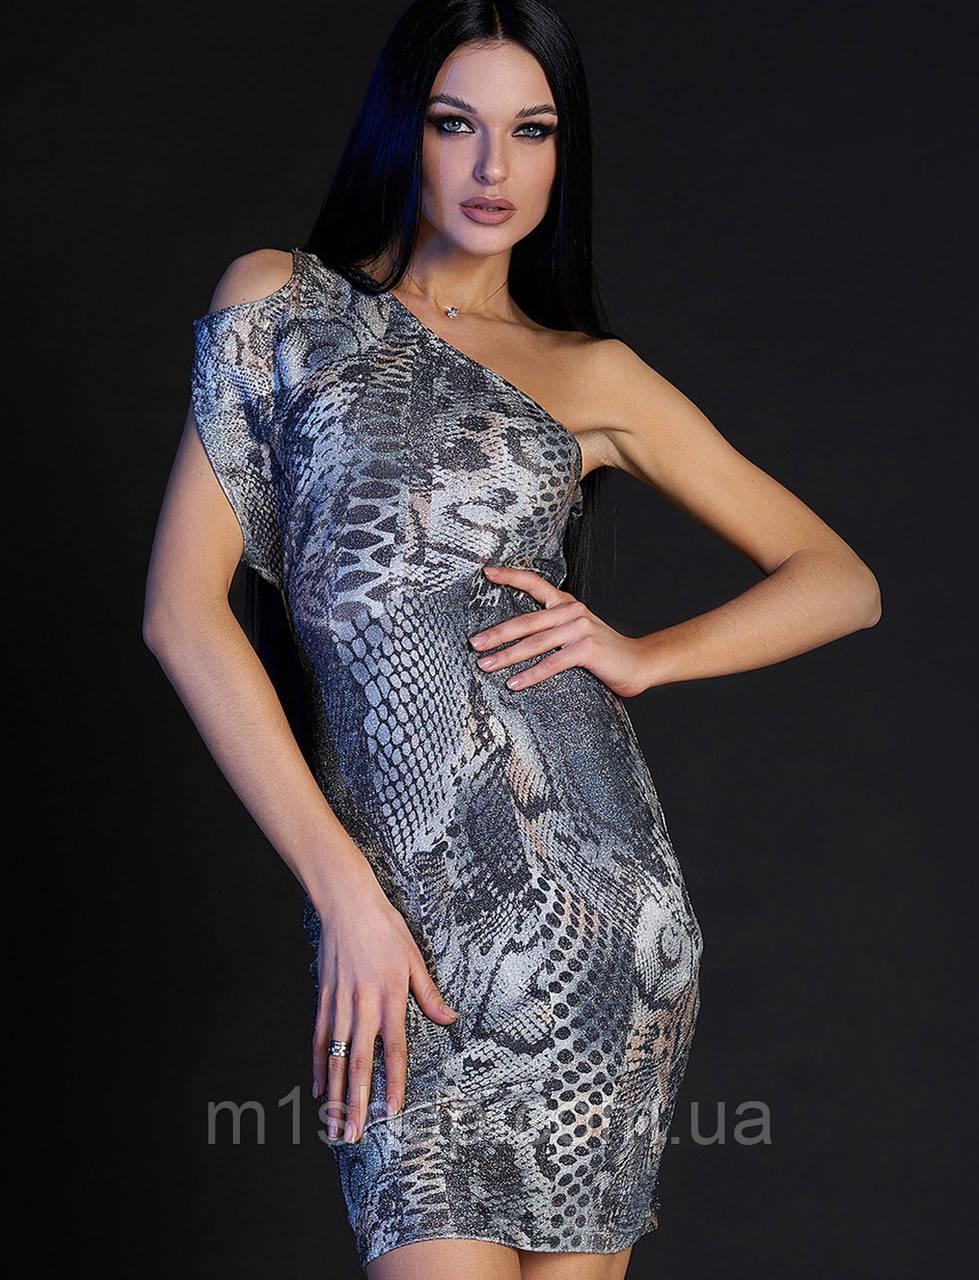 Женское облегающее платье-мини с принтом змеи (Сита jd)